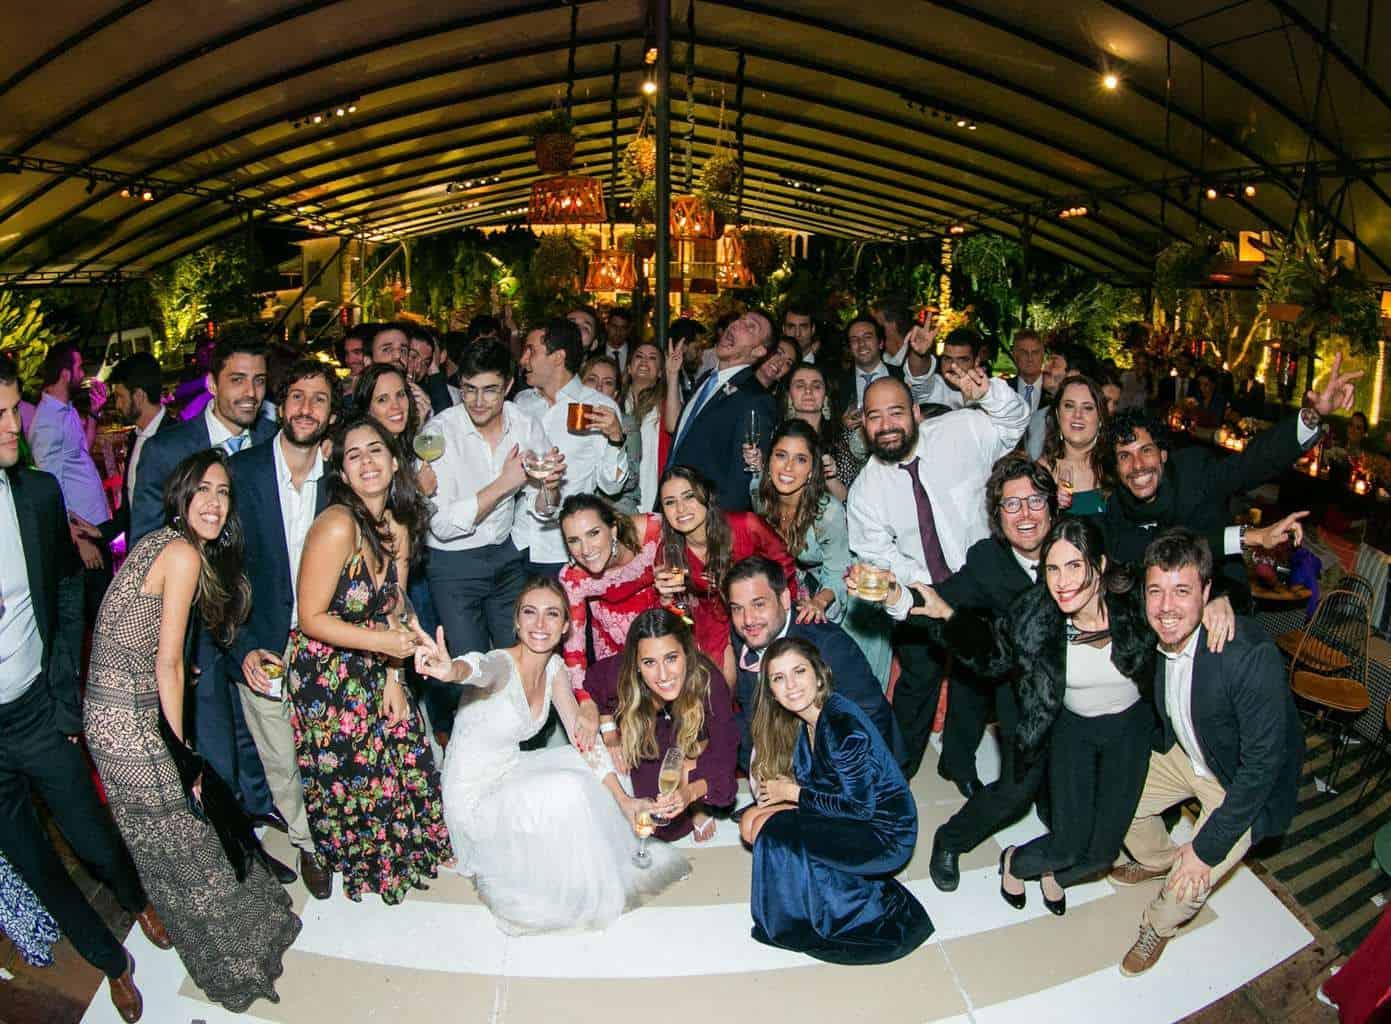 casamento-Camila-e-Diogo-casamento-na-fazenda-casamento-na-serra-casamento-romântico-destination-wedding-Fazenda-Santo-Antonio-festa-Fotografia-Rodrigo-Sack-96